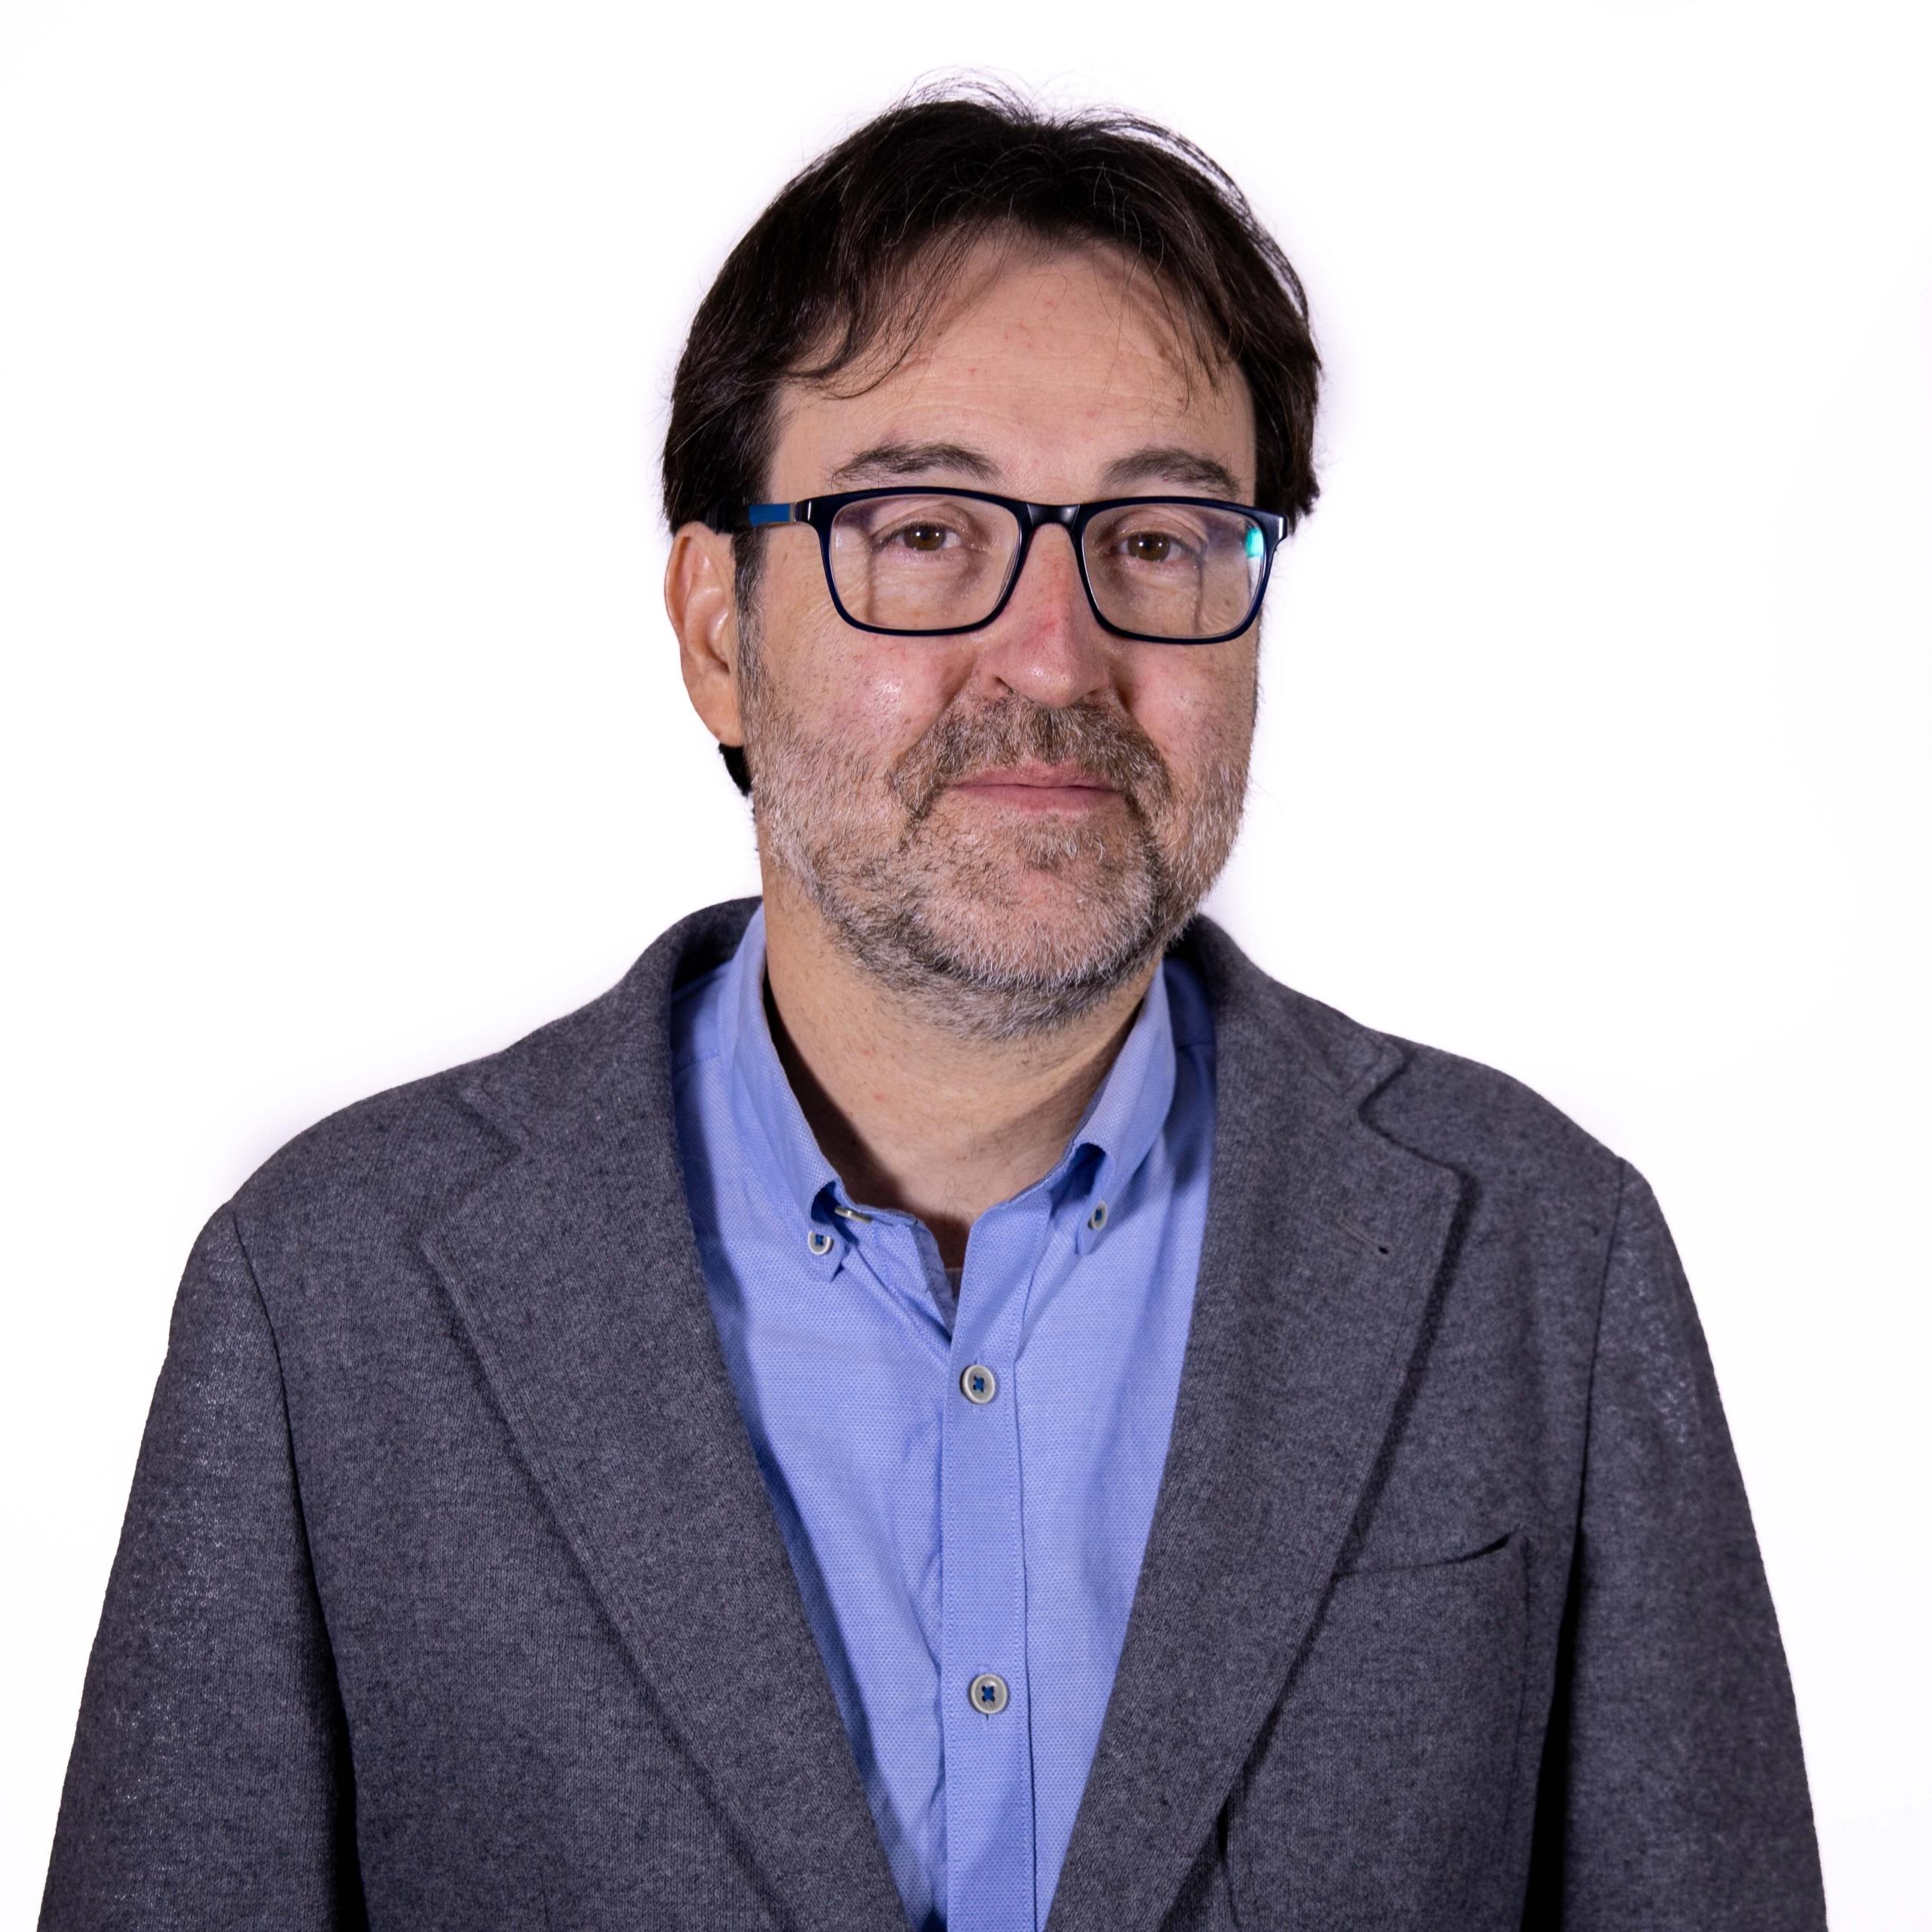 Jordi Montero